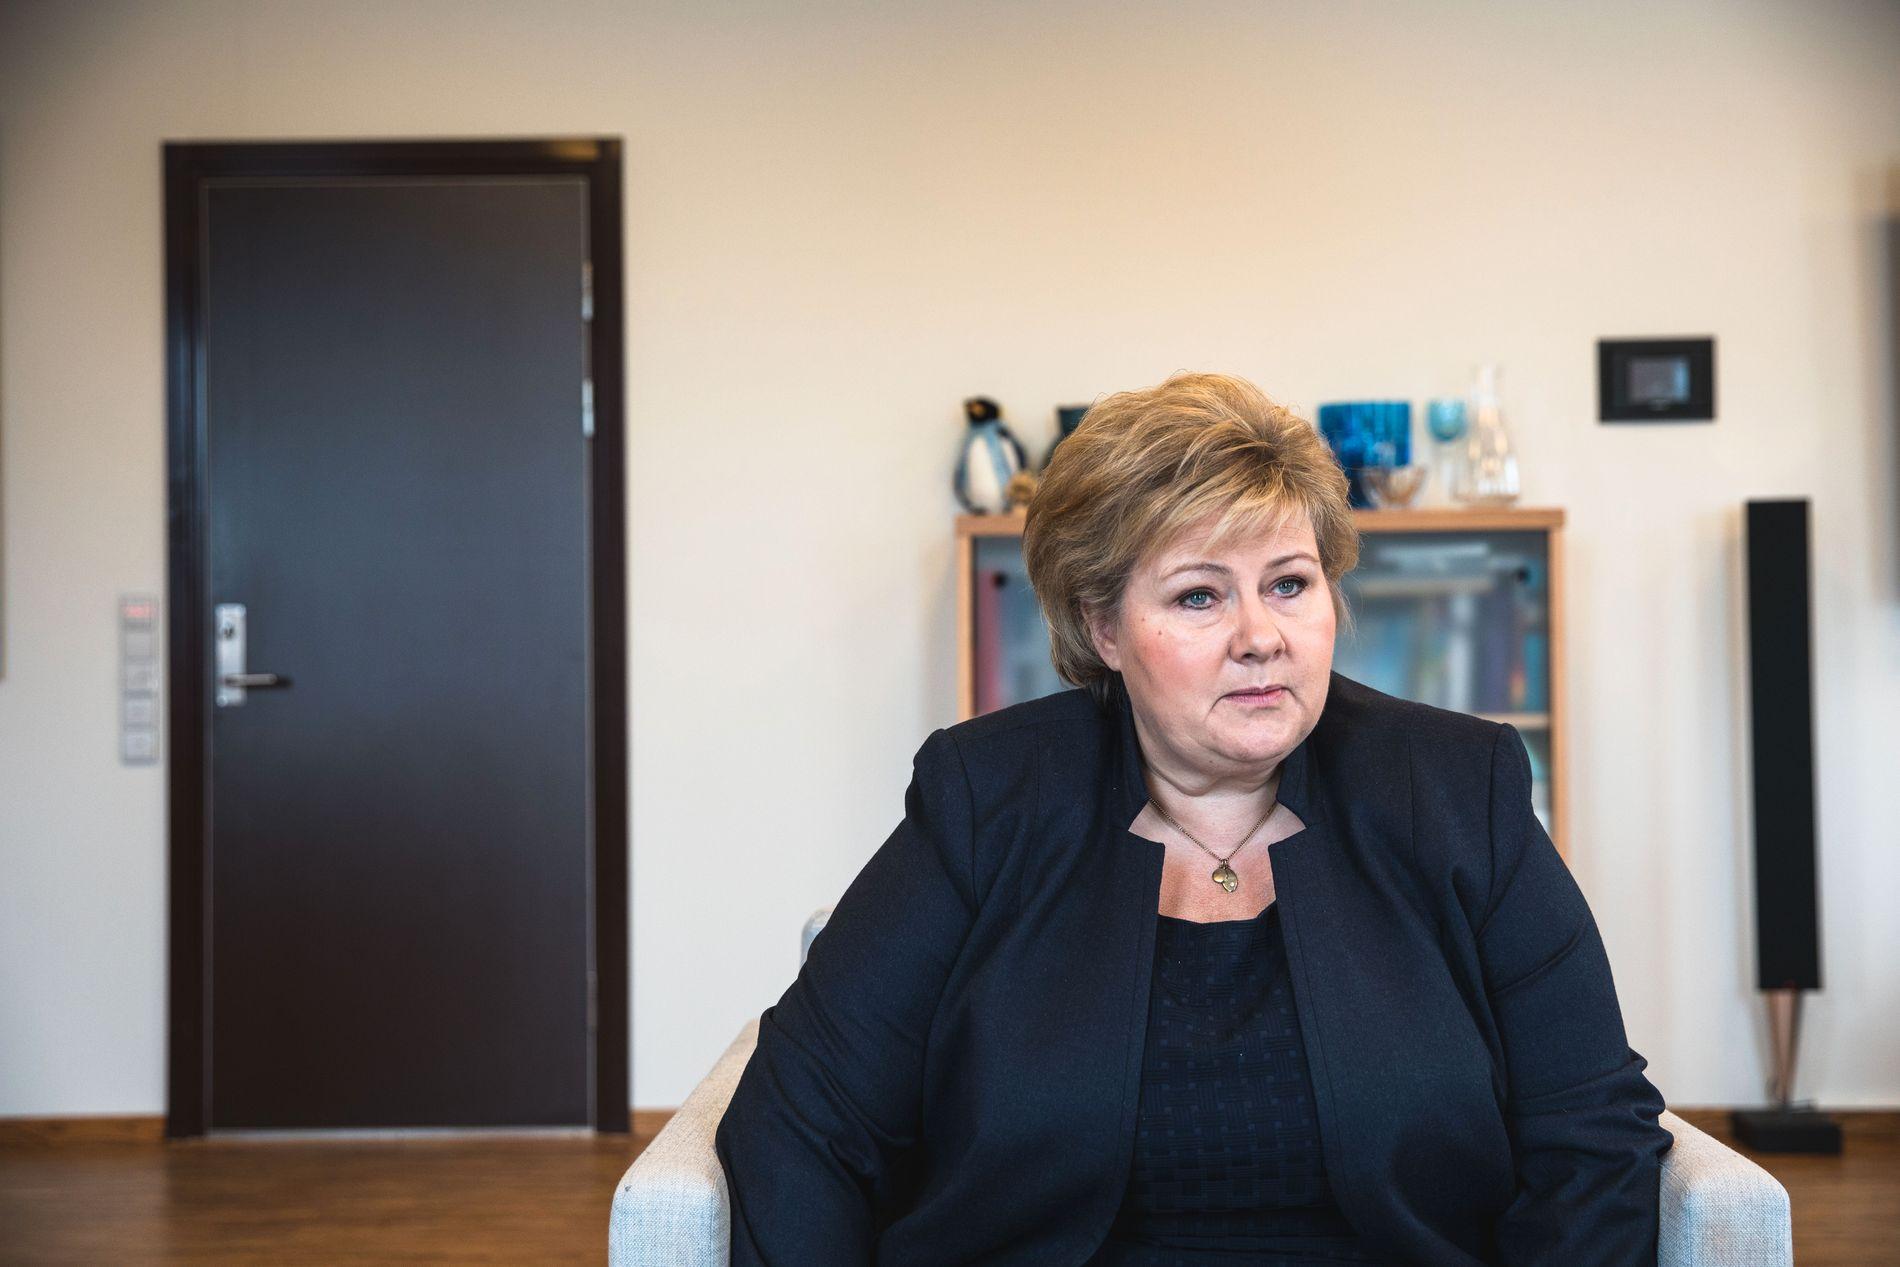 BEKYMRET: Erna Solberg ser med bekymring på økt vaksinemotstand i Norge og Europa.